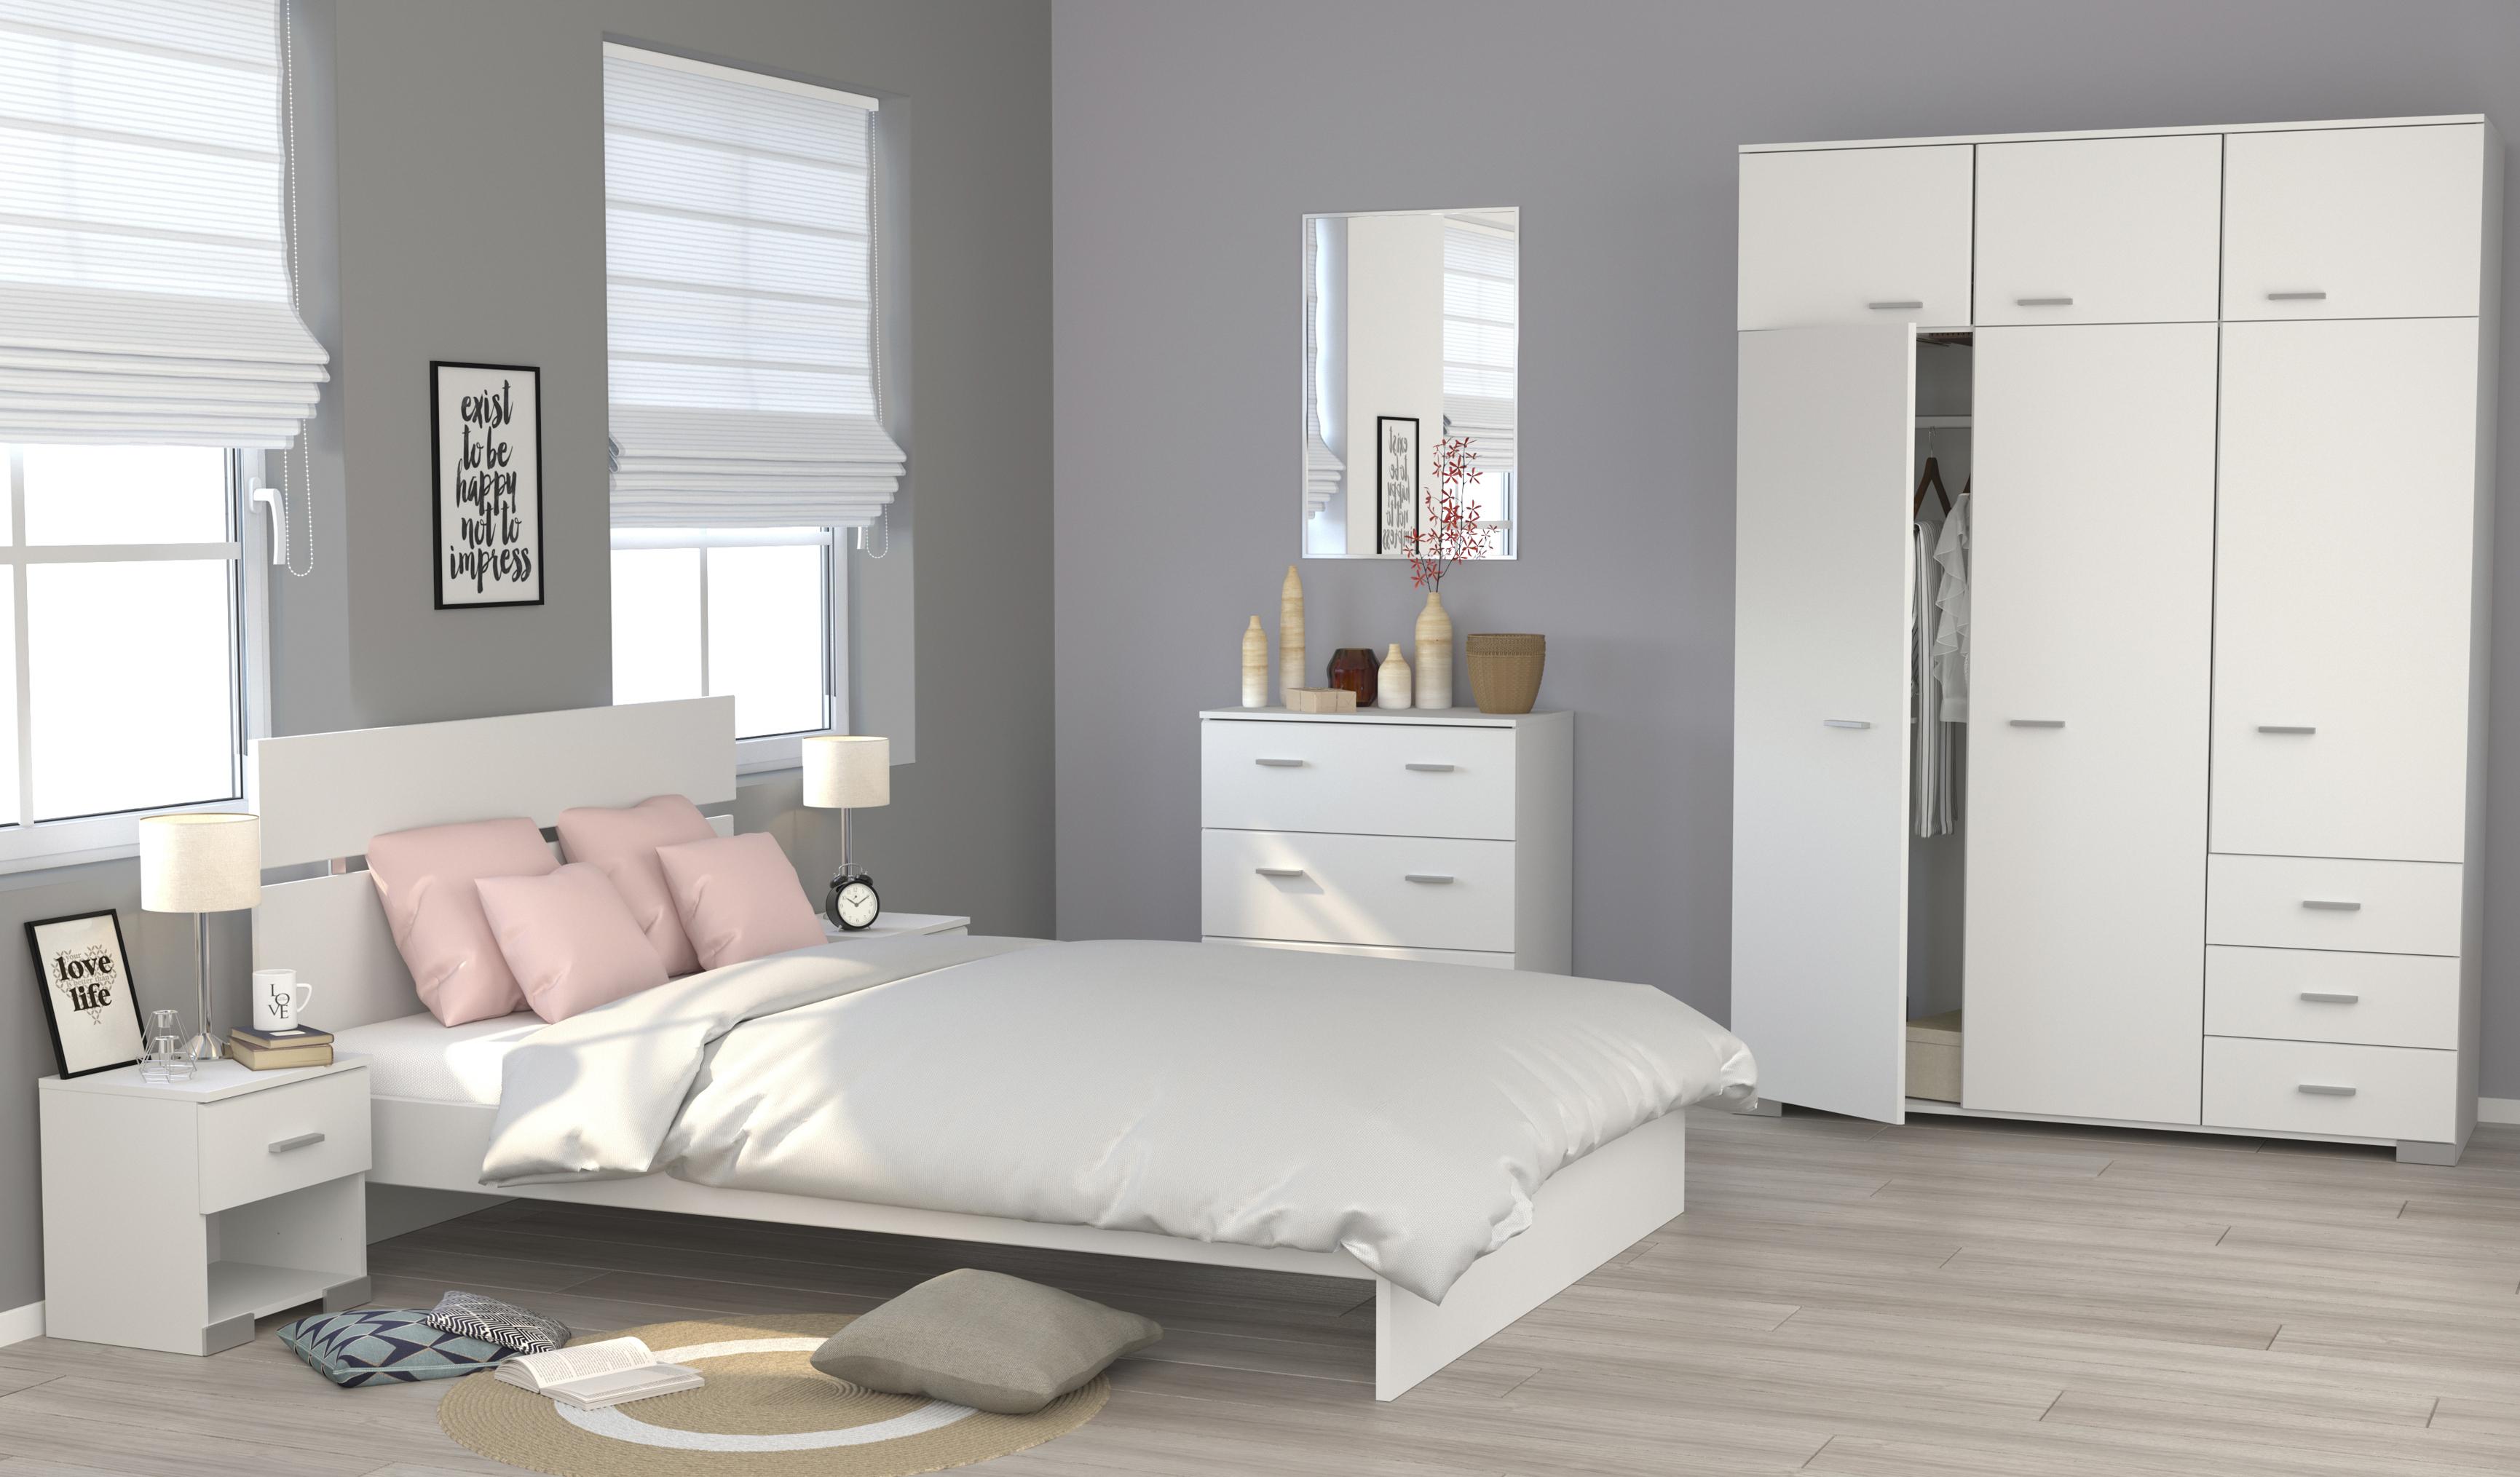 Best Schlafzimmer Set 140x200 Contemporary - Farbideen fürs ...